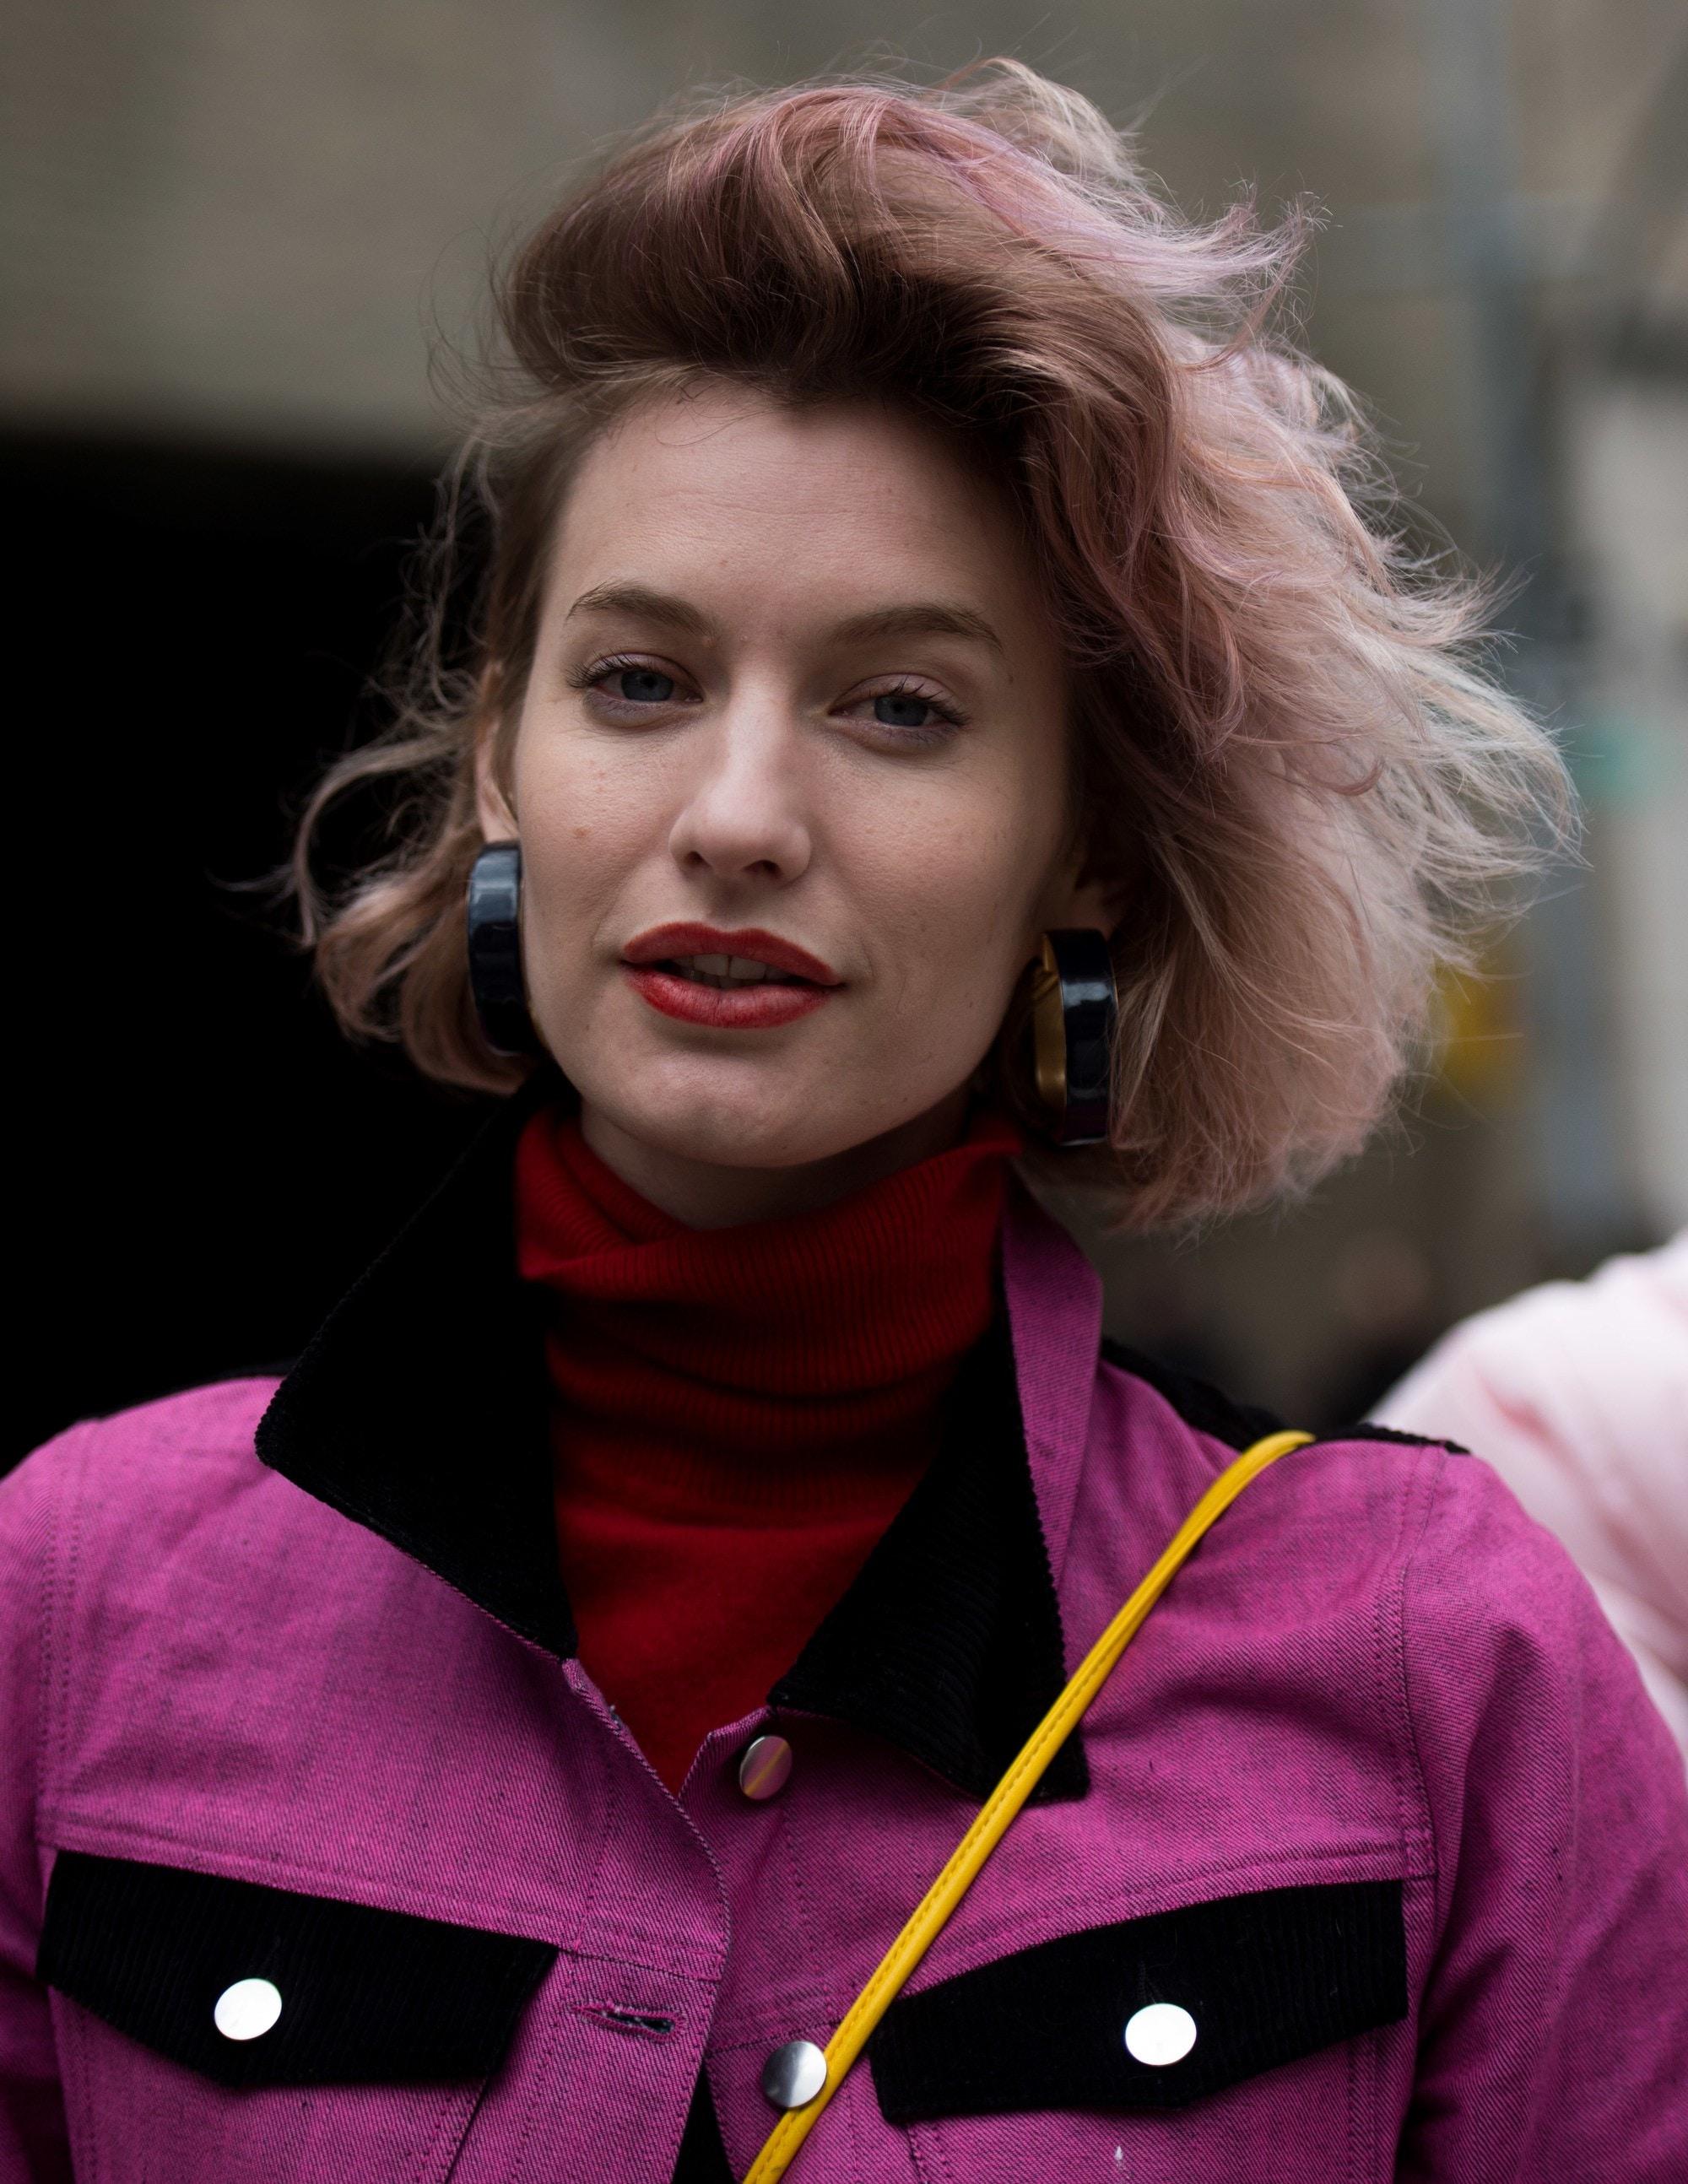 Mujer con cabello debajo de las orejas, con mucho movimiento peinado hacia un costado. Color rosa.